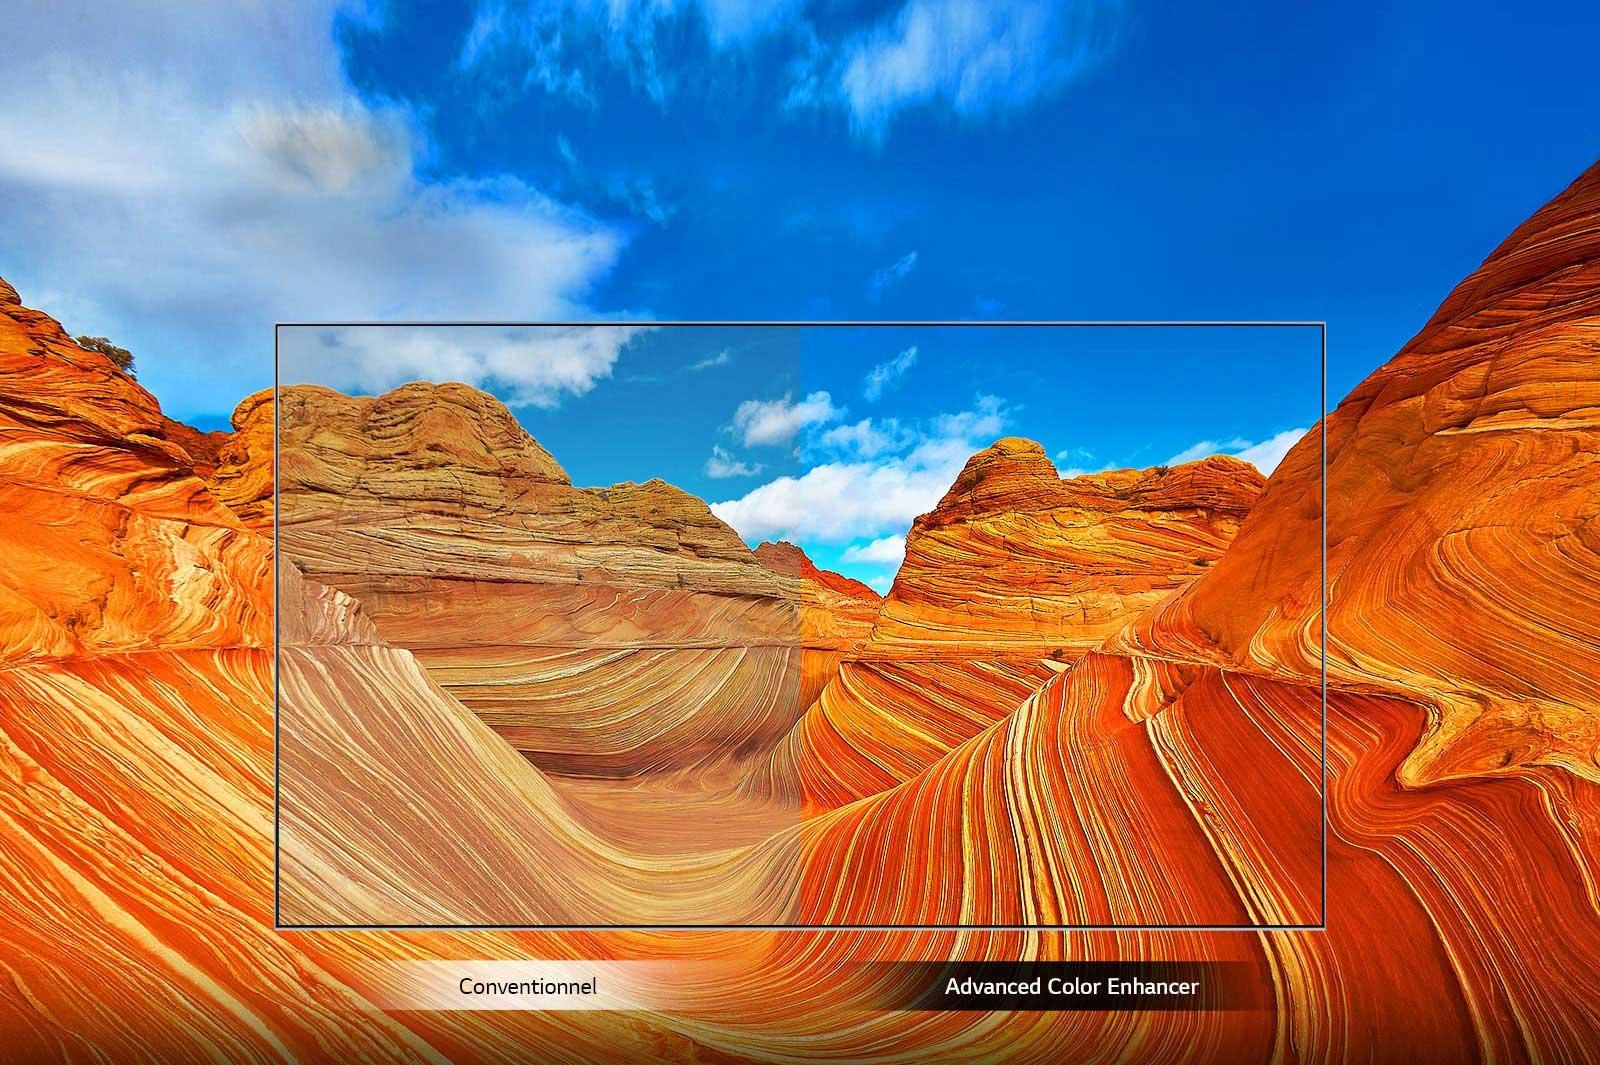 La technologie Advanced Color Enhancer ajoute de l'intensité aux couleurs du désert